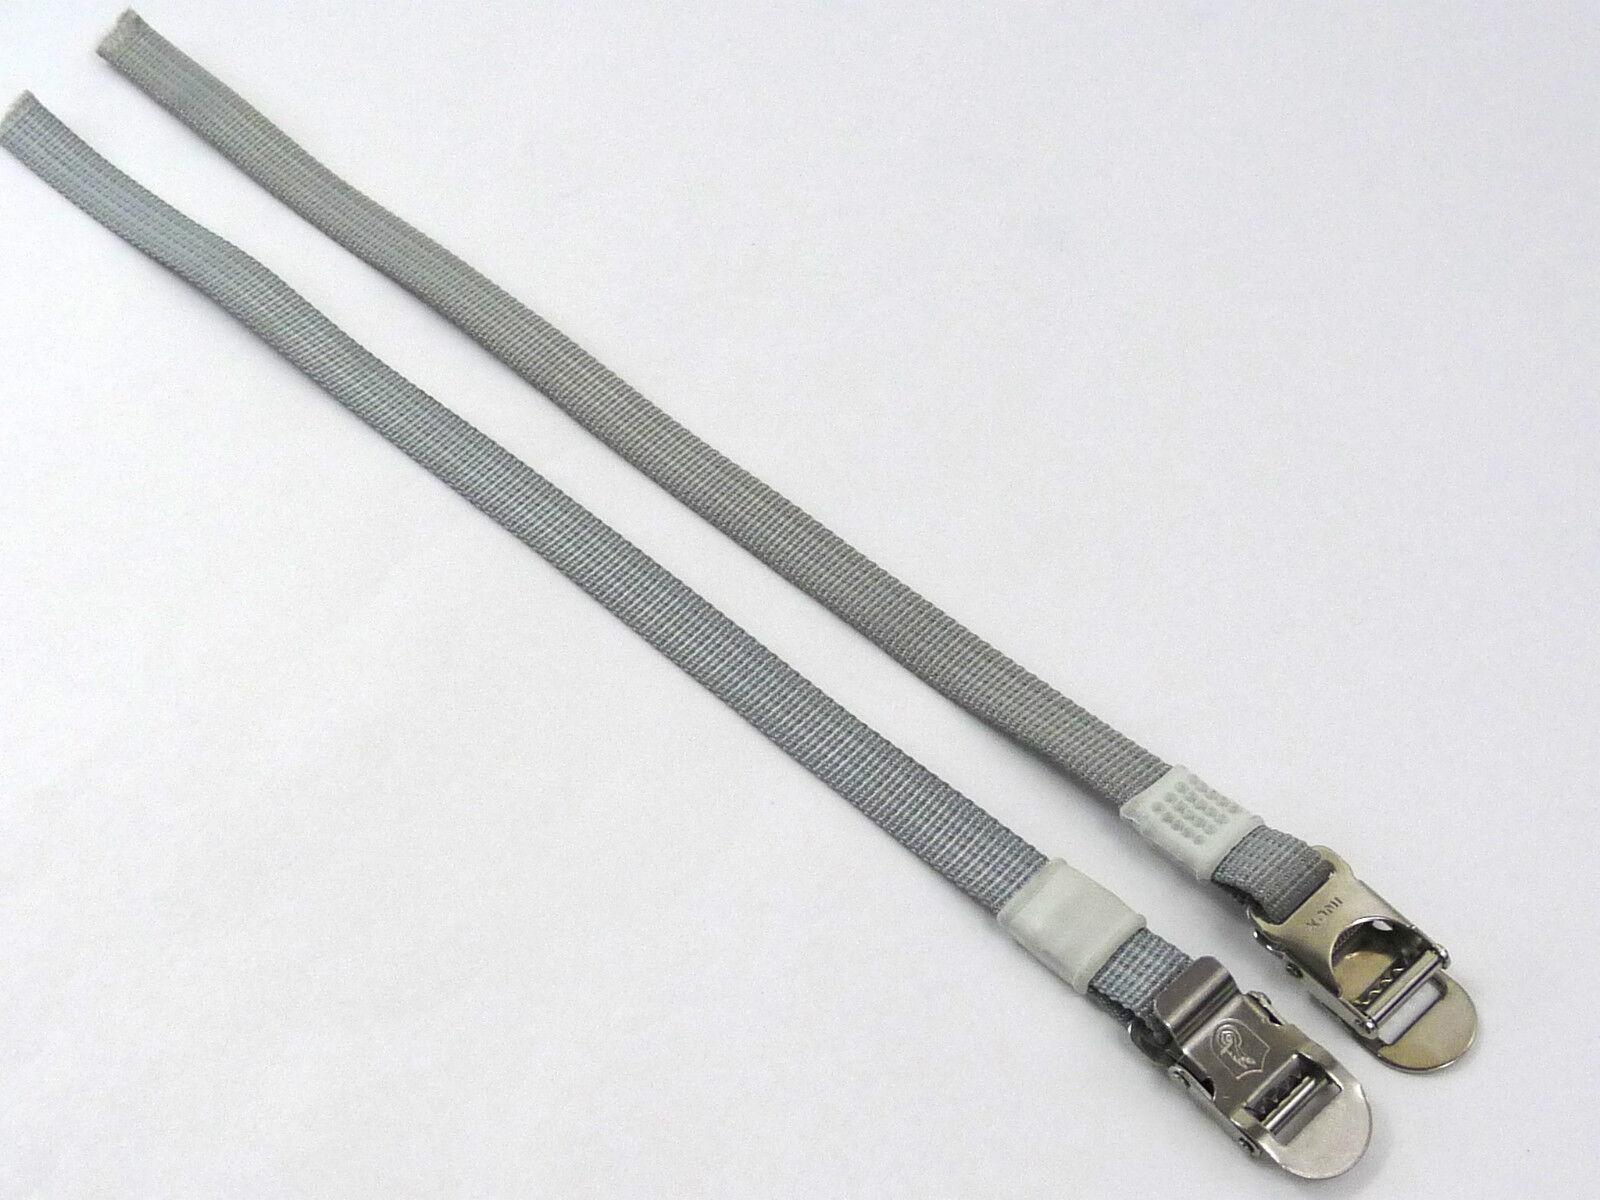 Campagnolo Pedal toe straps grey nylon Vintage Road racing Bicycle NOS